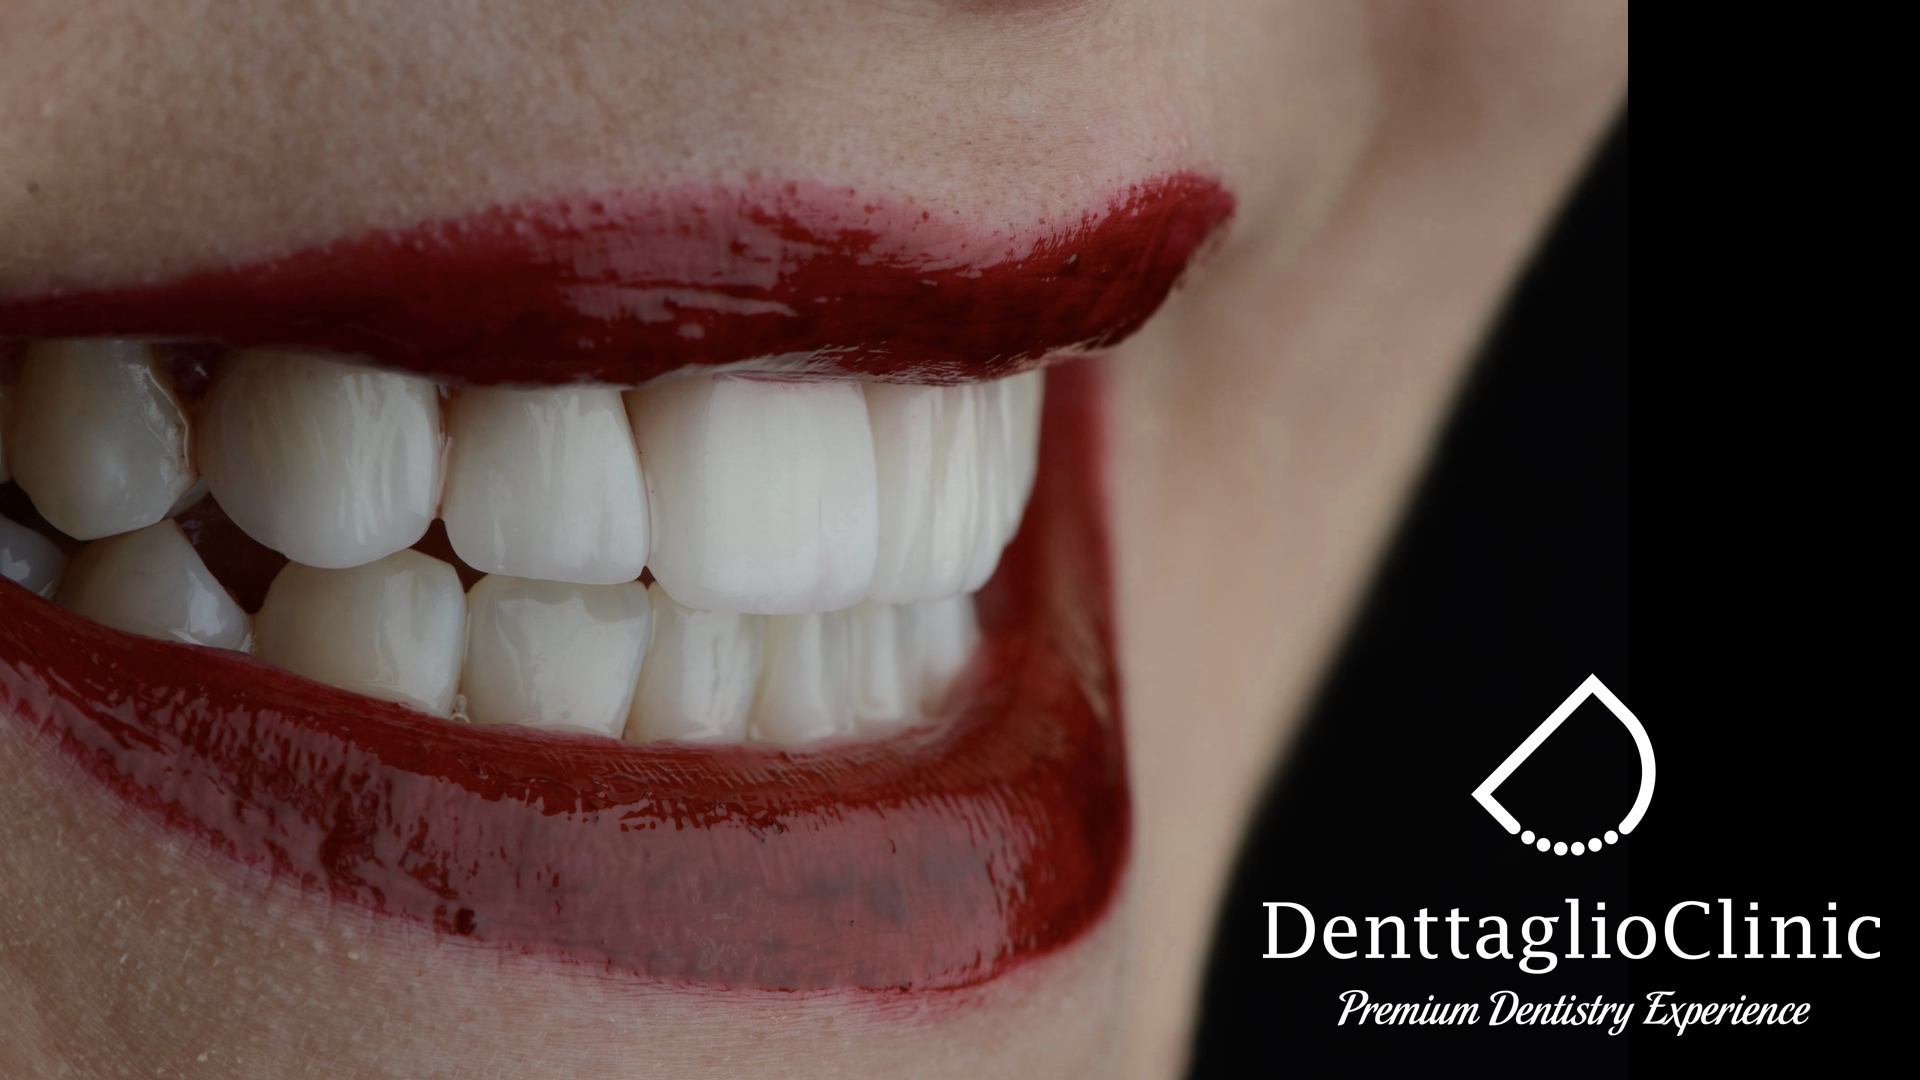 denttaglio clinic, fatete dentare, digital smile design, klodian hazizi, monica hazizi, fateta dentara, fatete dentare pret, jambe de hollywood, zambet perfect, cat costa fatetele dentare, avantaje facete dentare, fatete dentare parere, farete dentare da sau nu, cum se pun fatetele dentare, ce avantaje au fatetele dentare, cum se intretin fatetele dentare, clinica stomatologica, clinica stomatologica bucuresti, cabinet stomatologic bucuresti, cabinet stomatologic floreasca